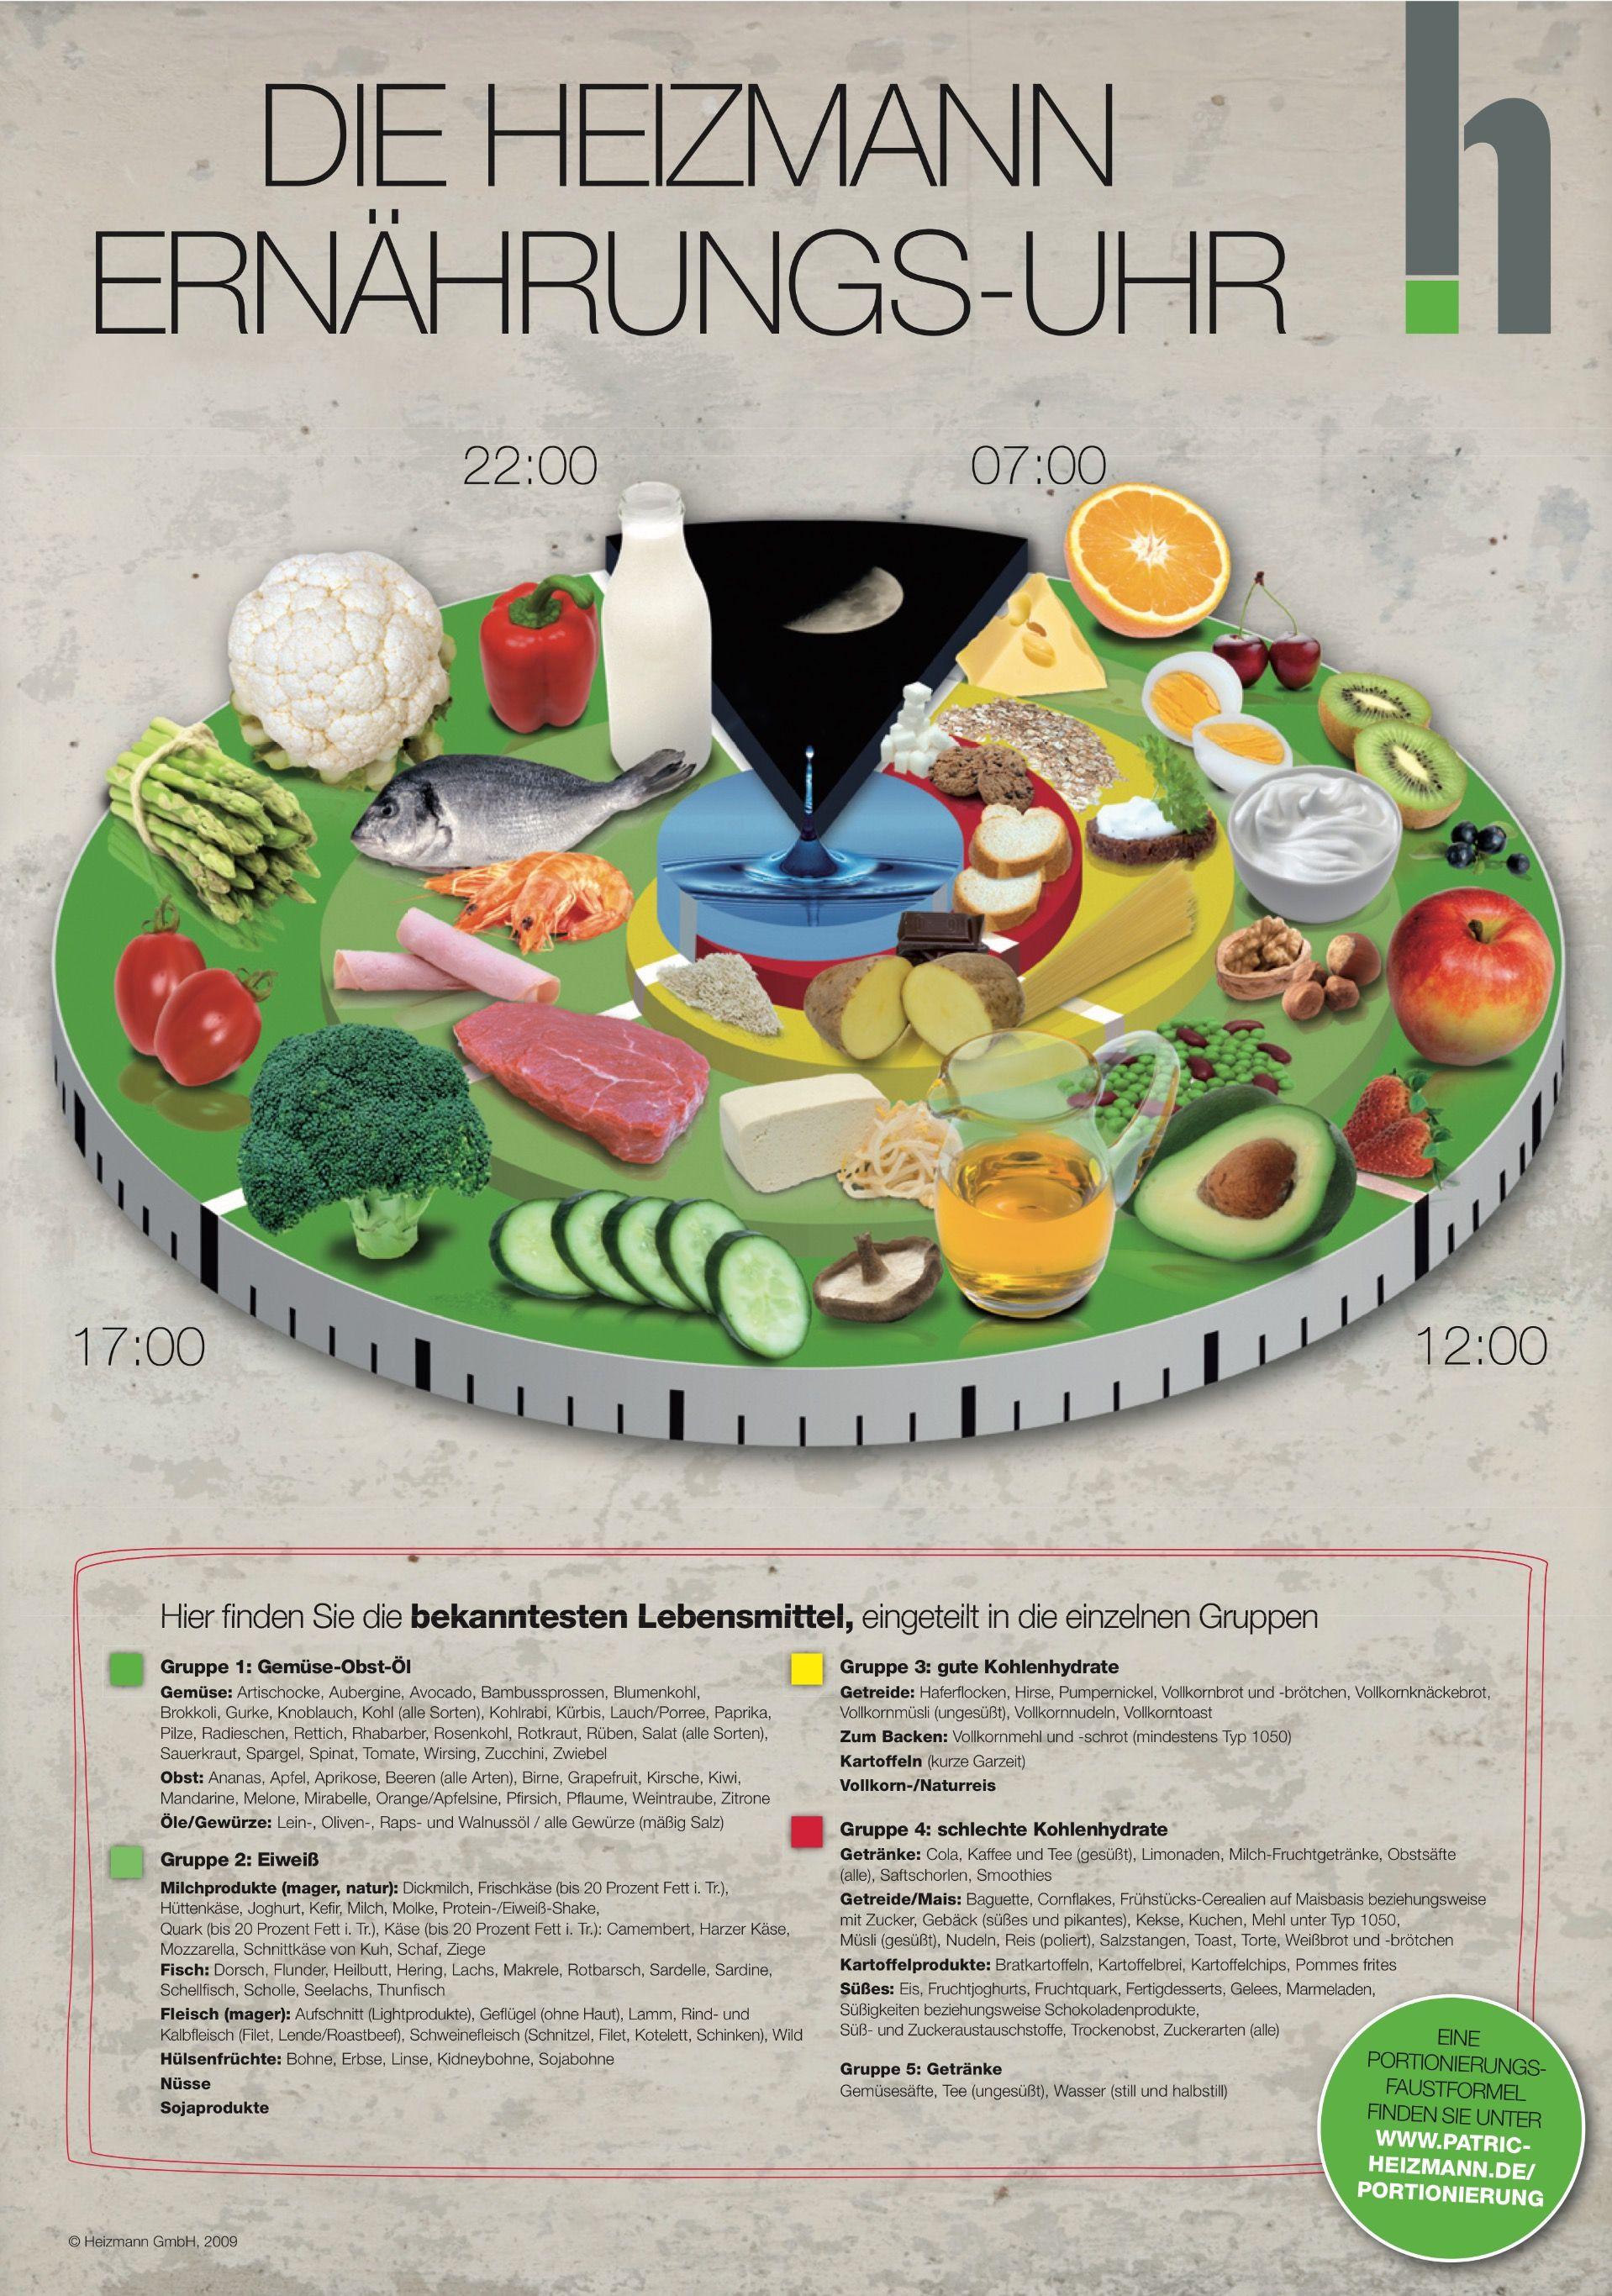 Patrick Heizmann Ernahrungs Spirale Ernahrungsuhr Gesunde Ernahrung Tipps Ernahrung